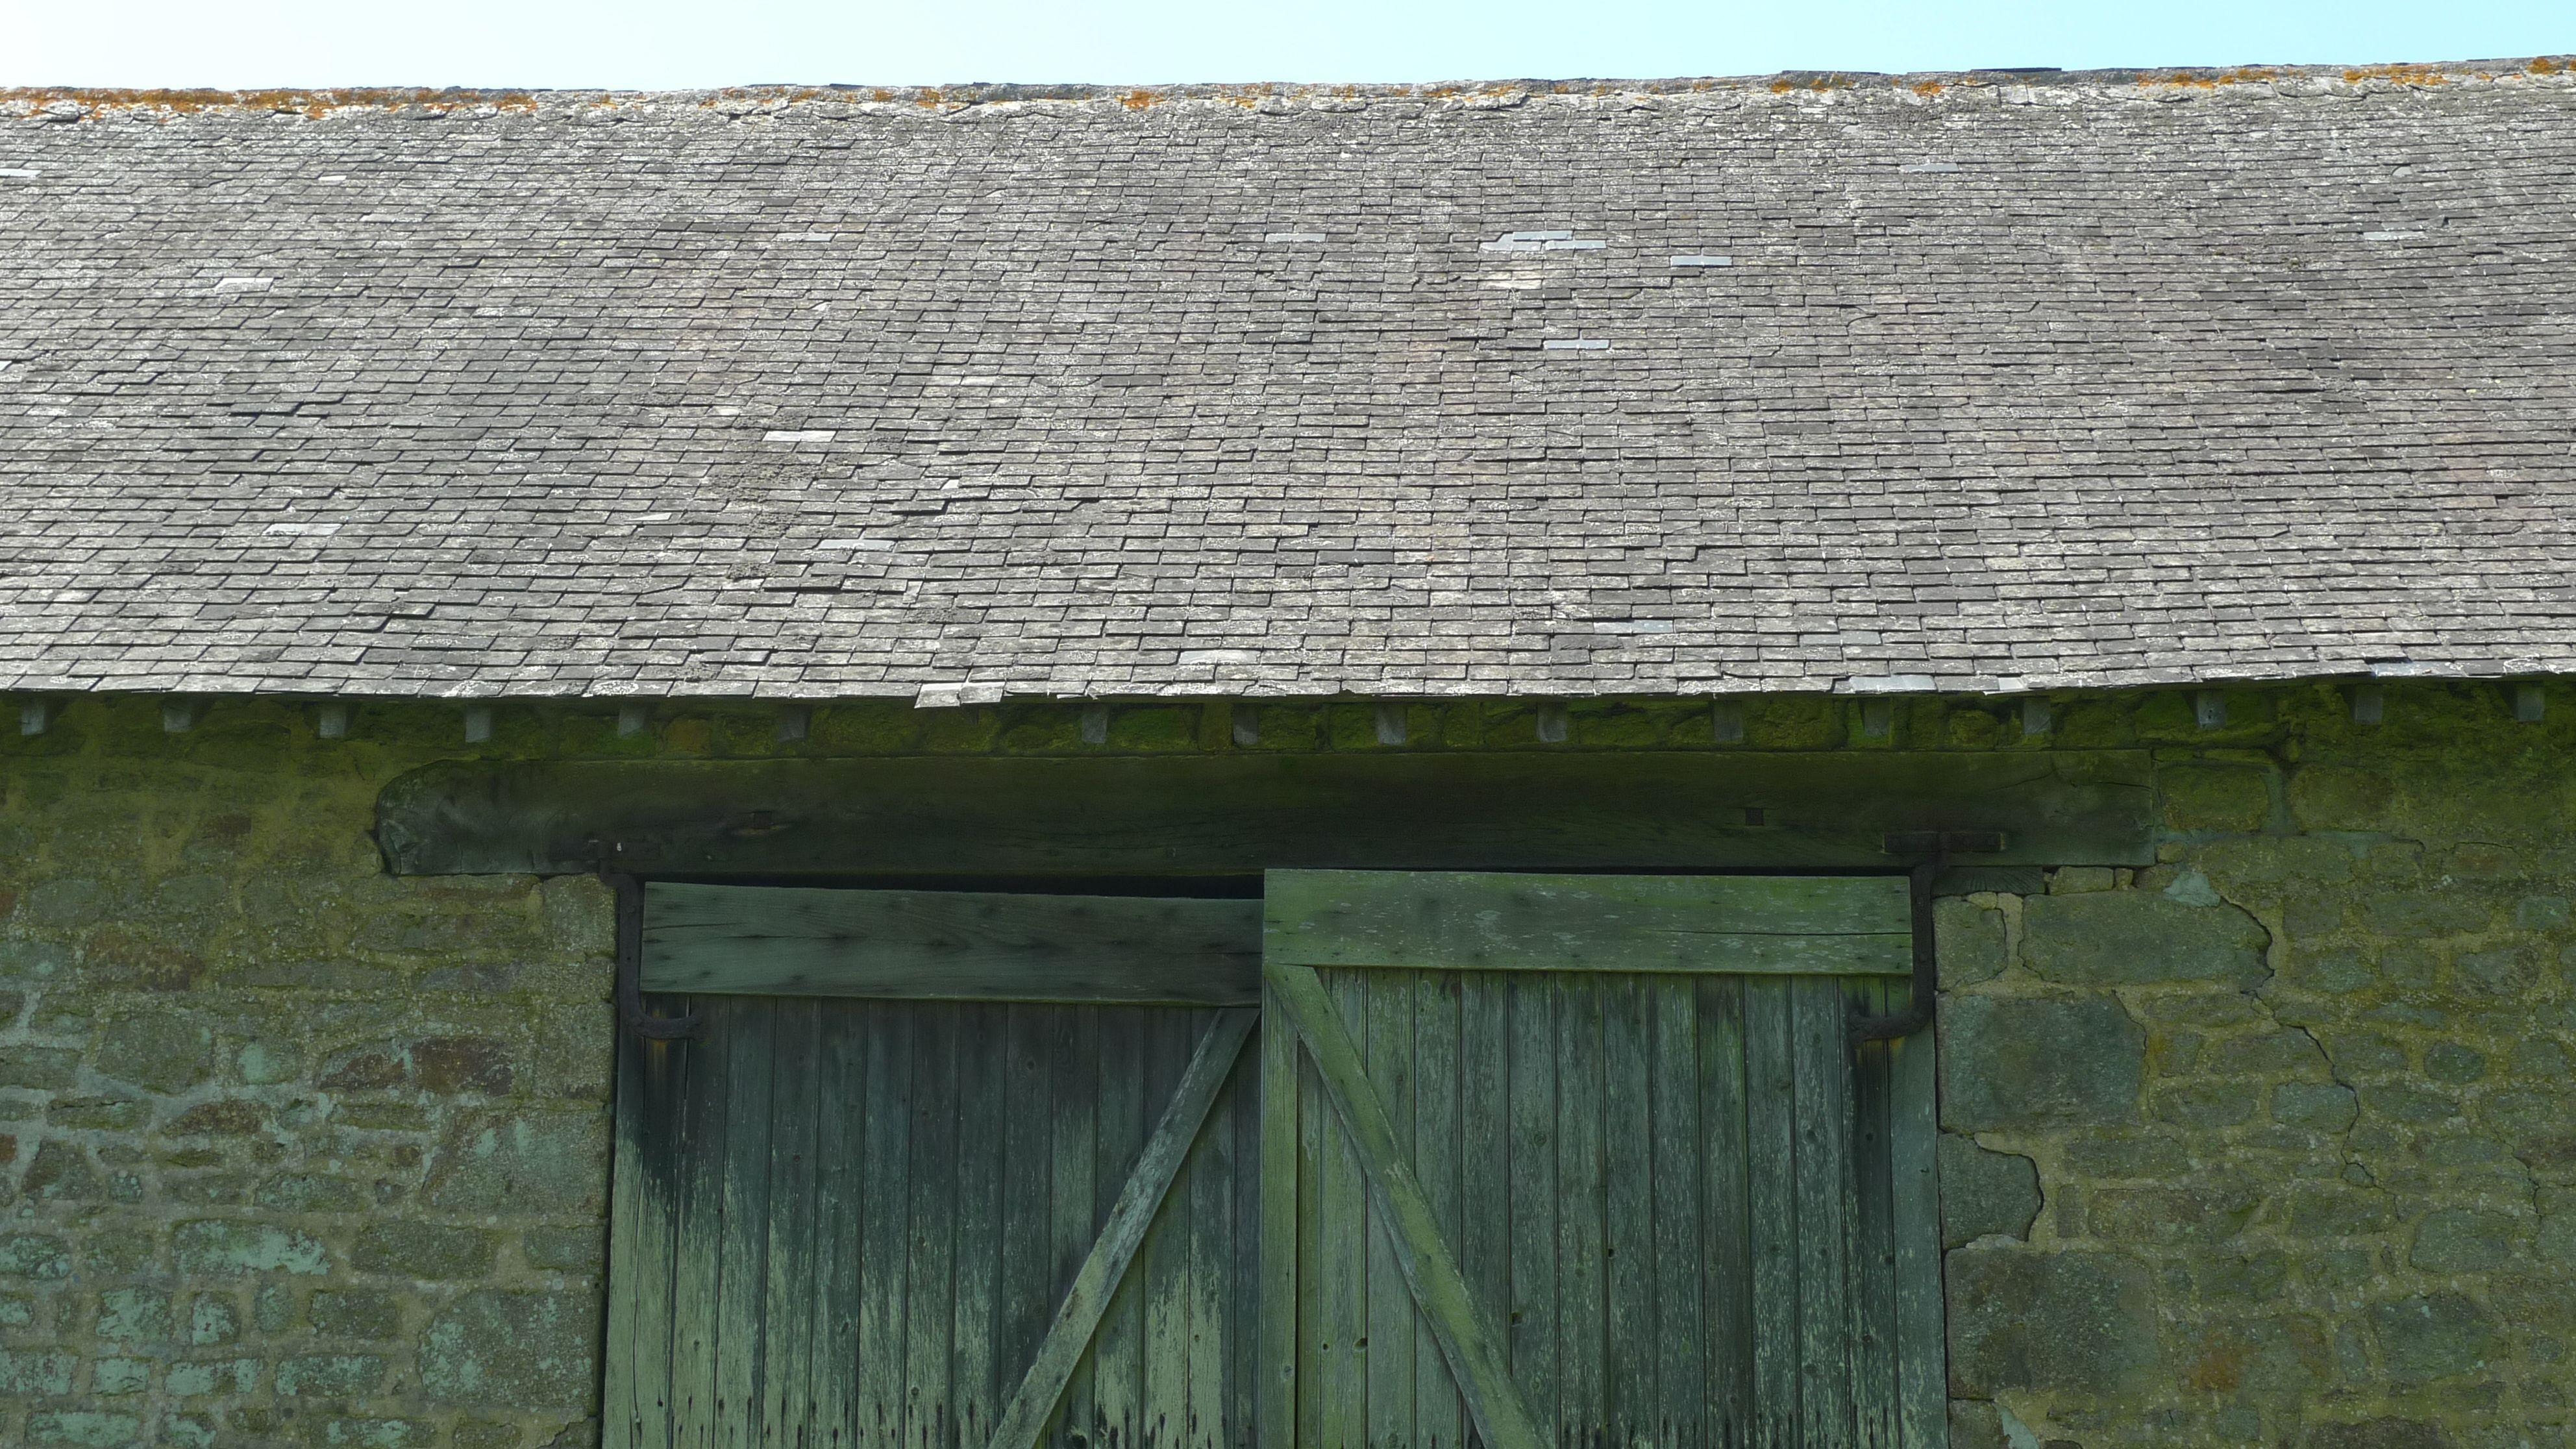 Slate tiled barn roof and oak doors in Pays de la Loire, France.